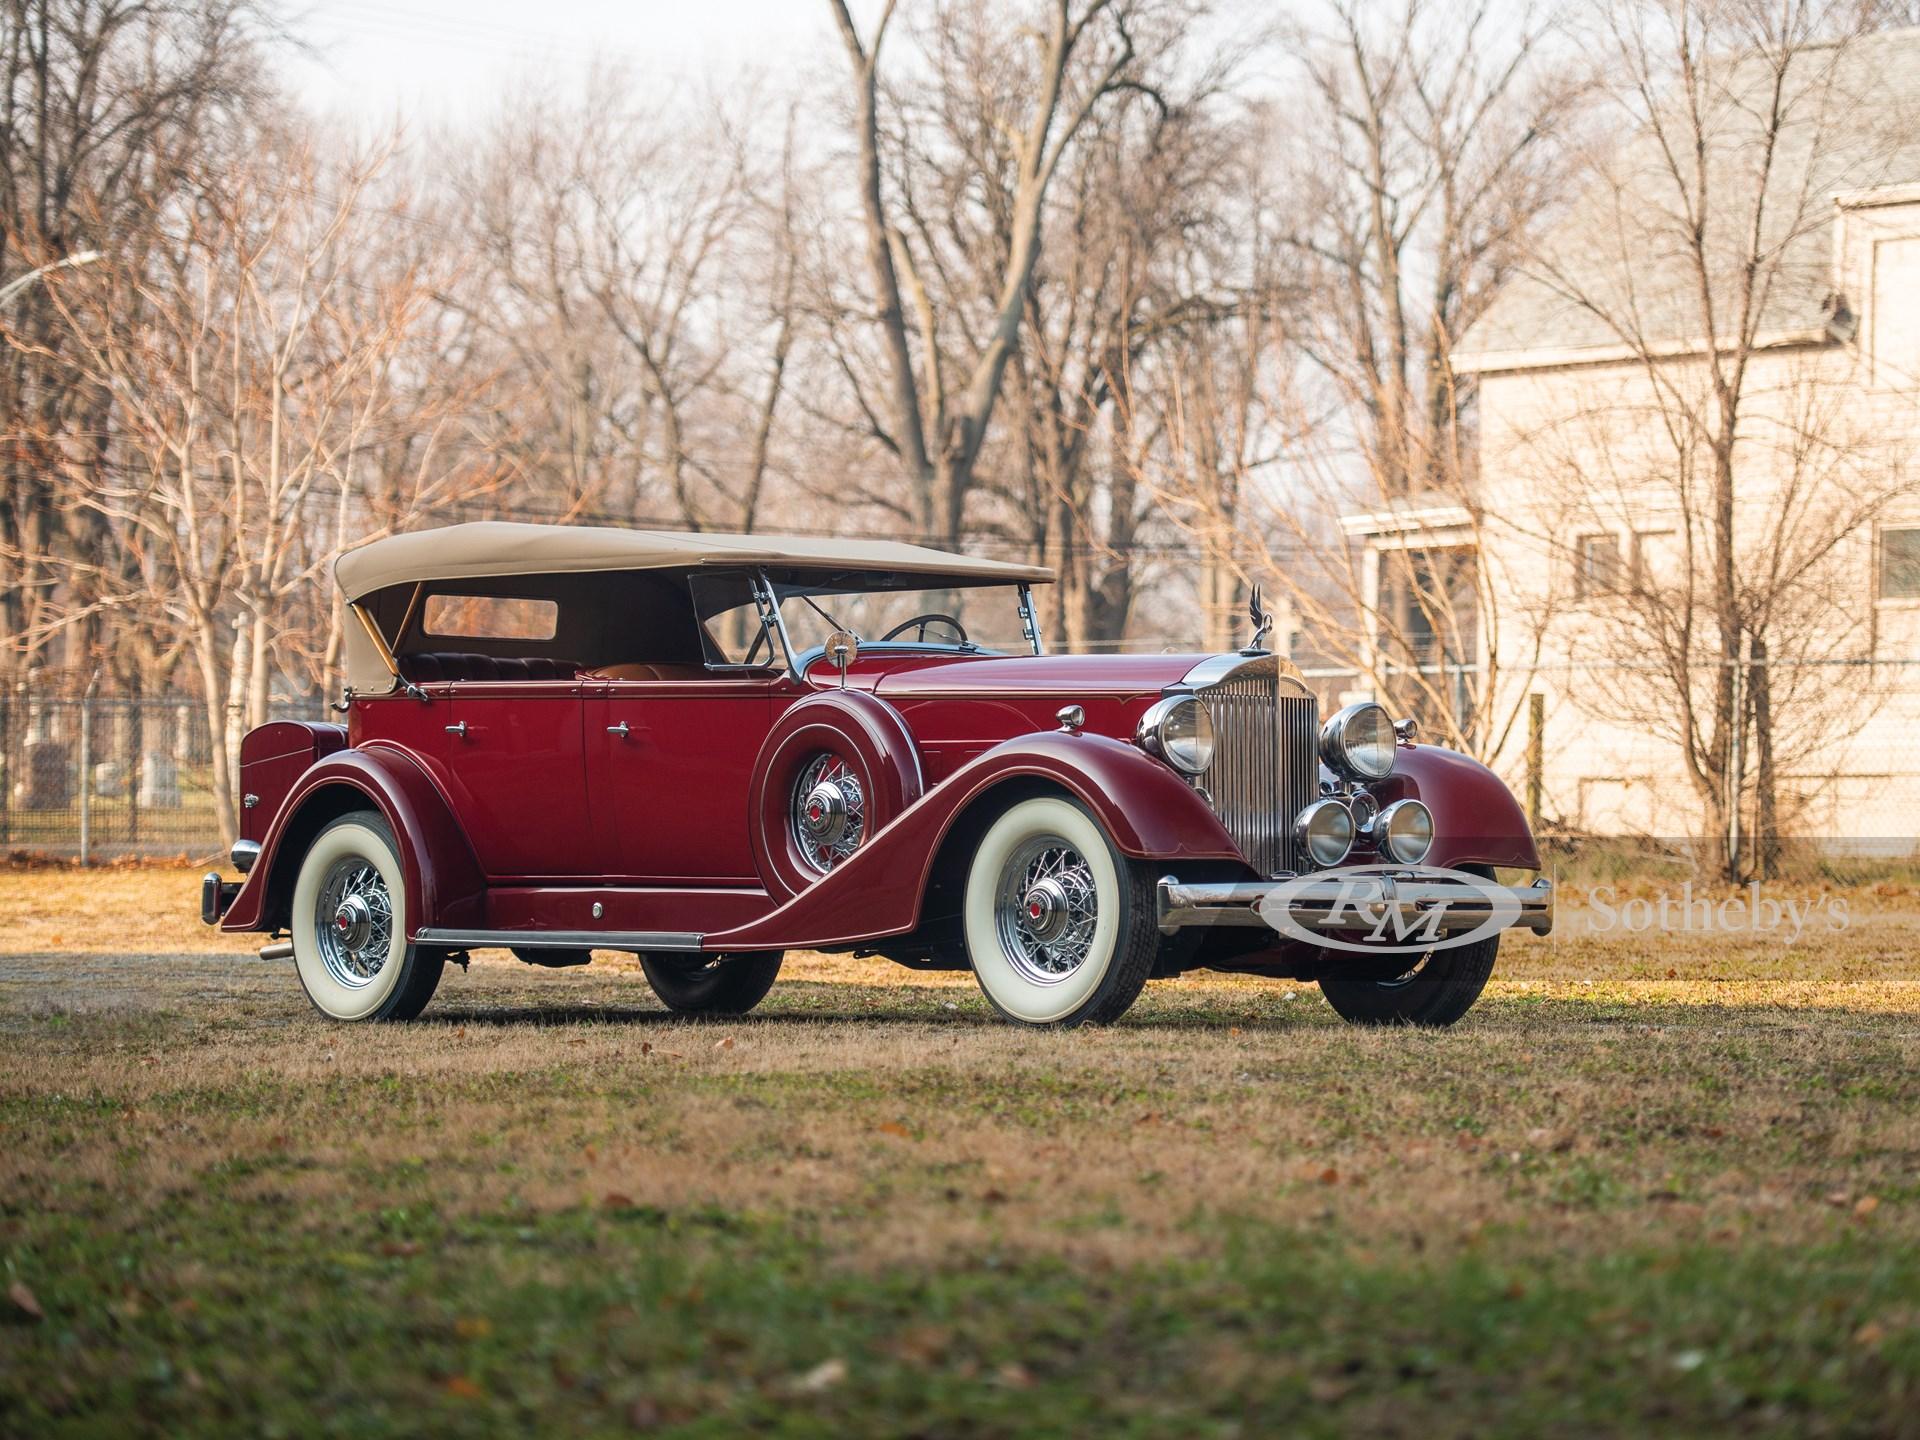 1934 Packard Super Eight Phaeton